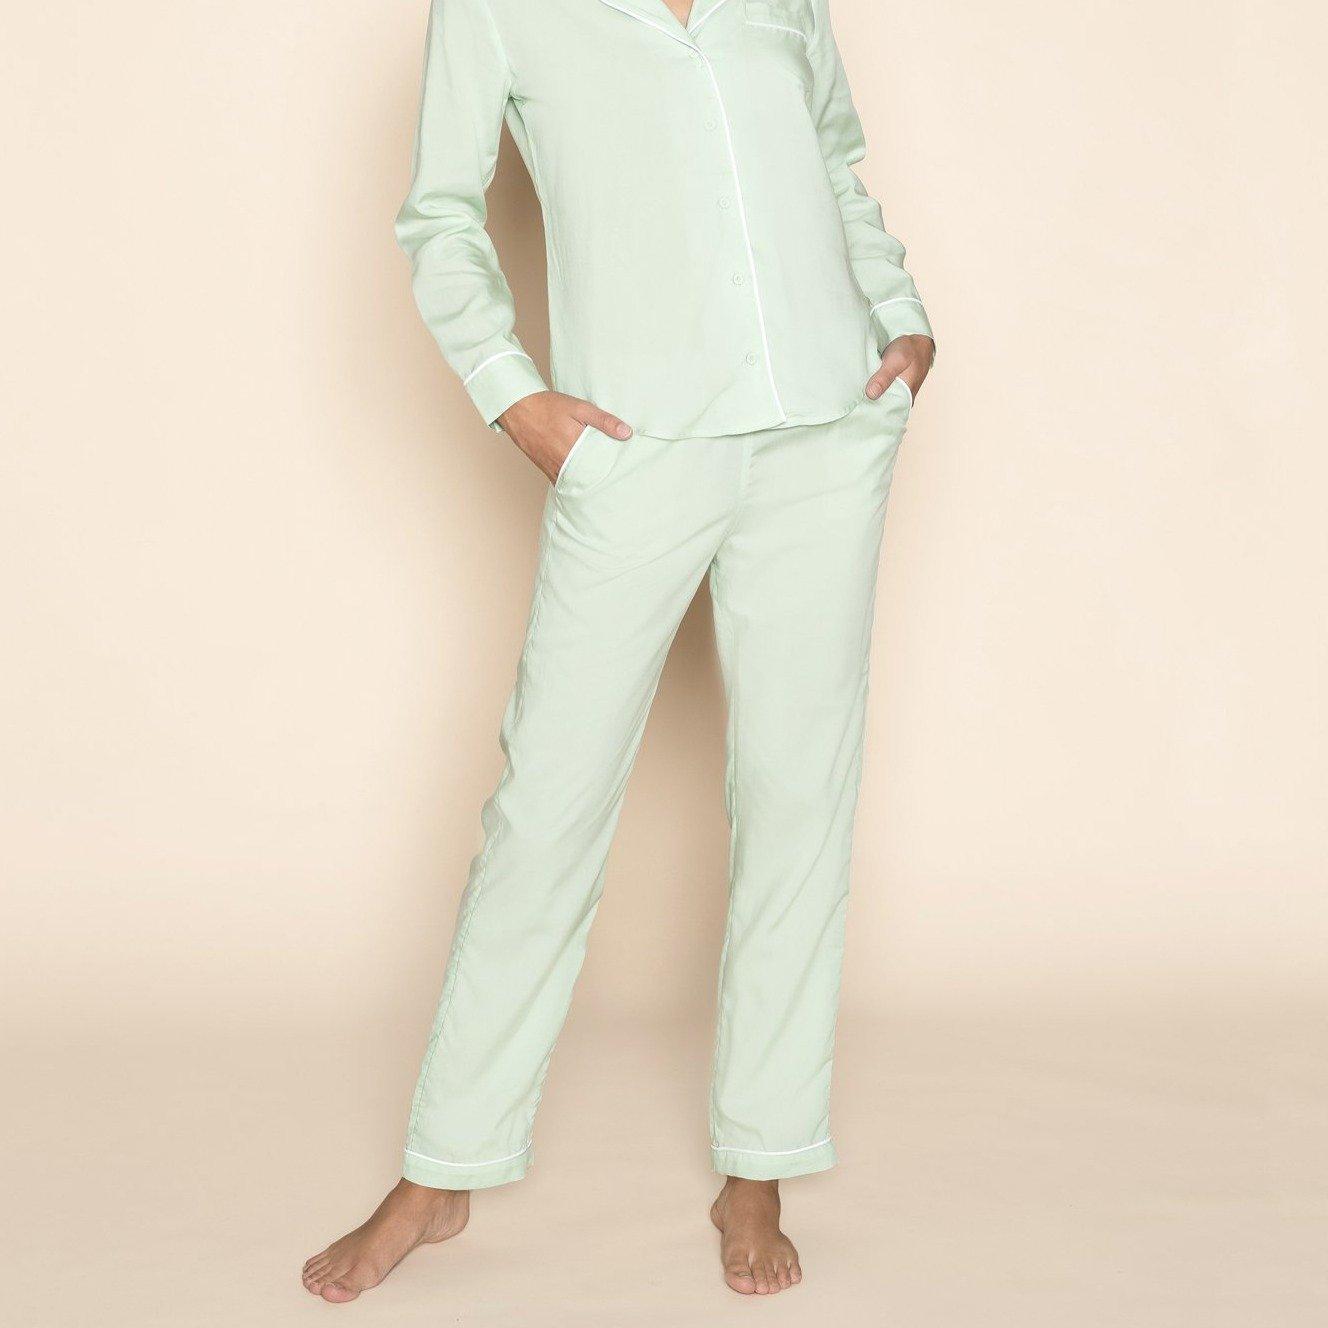 Pyjama Trousers Mint Green